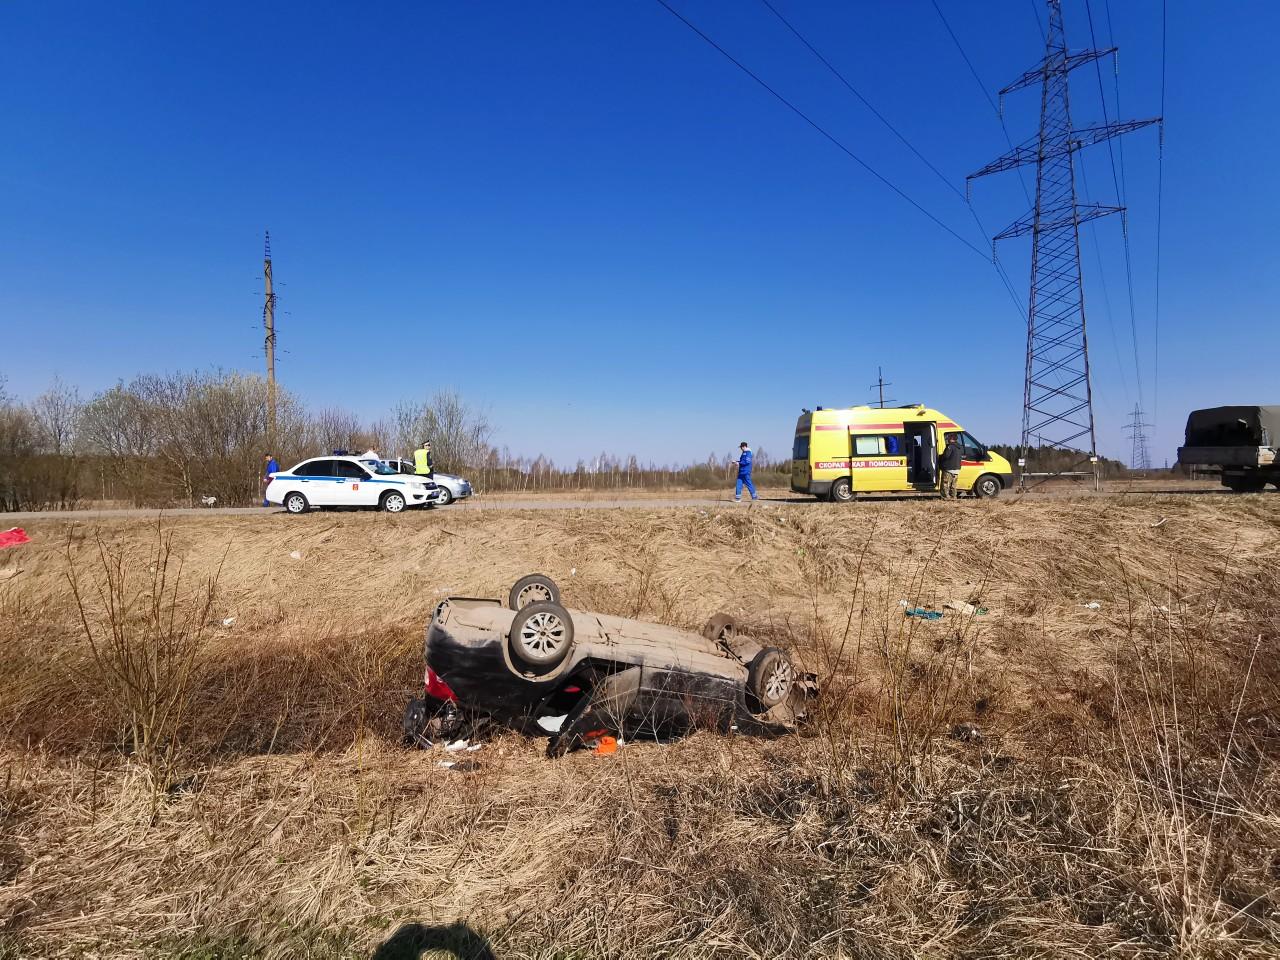 Пьяный водитель в Тверской области вылетел в кювет. Сообщество